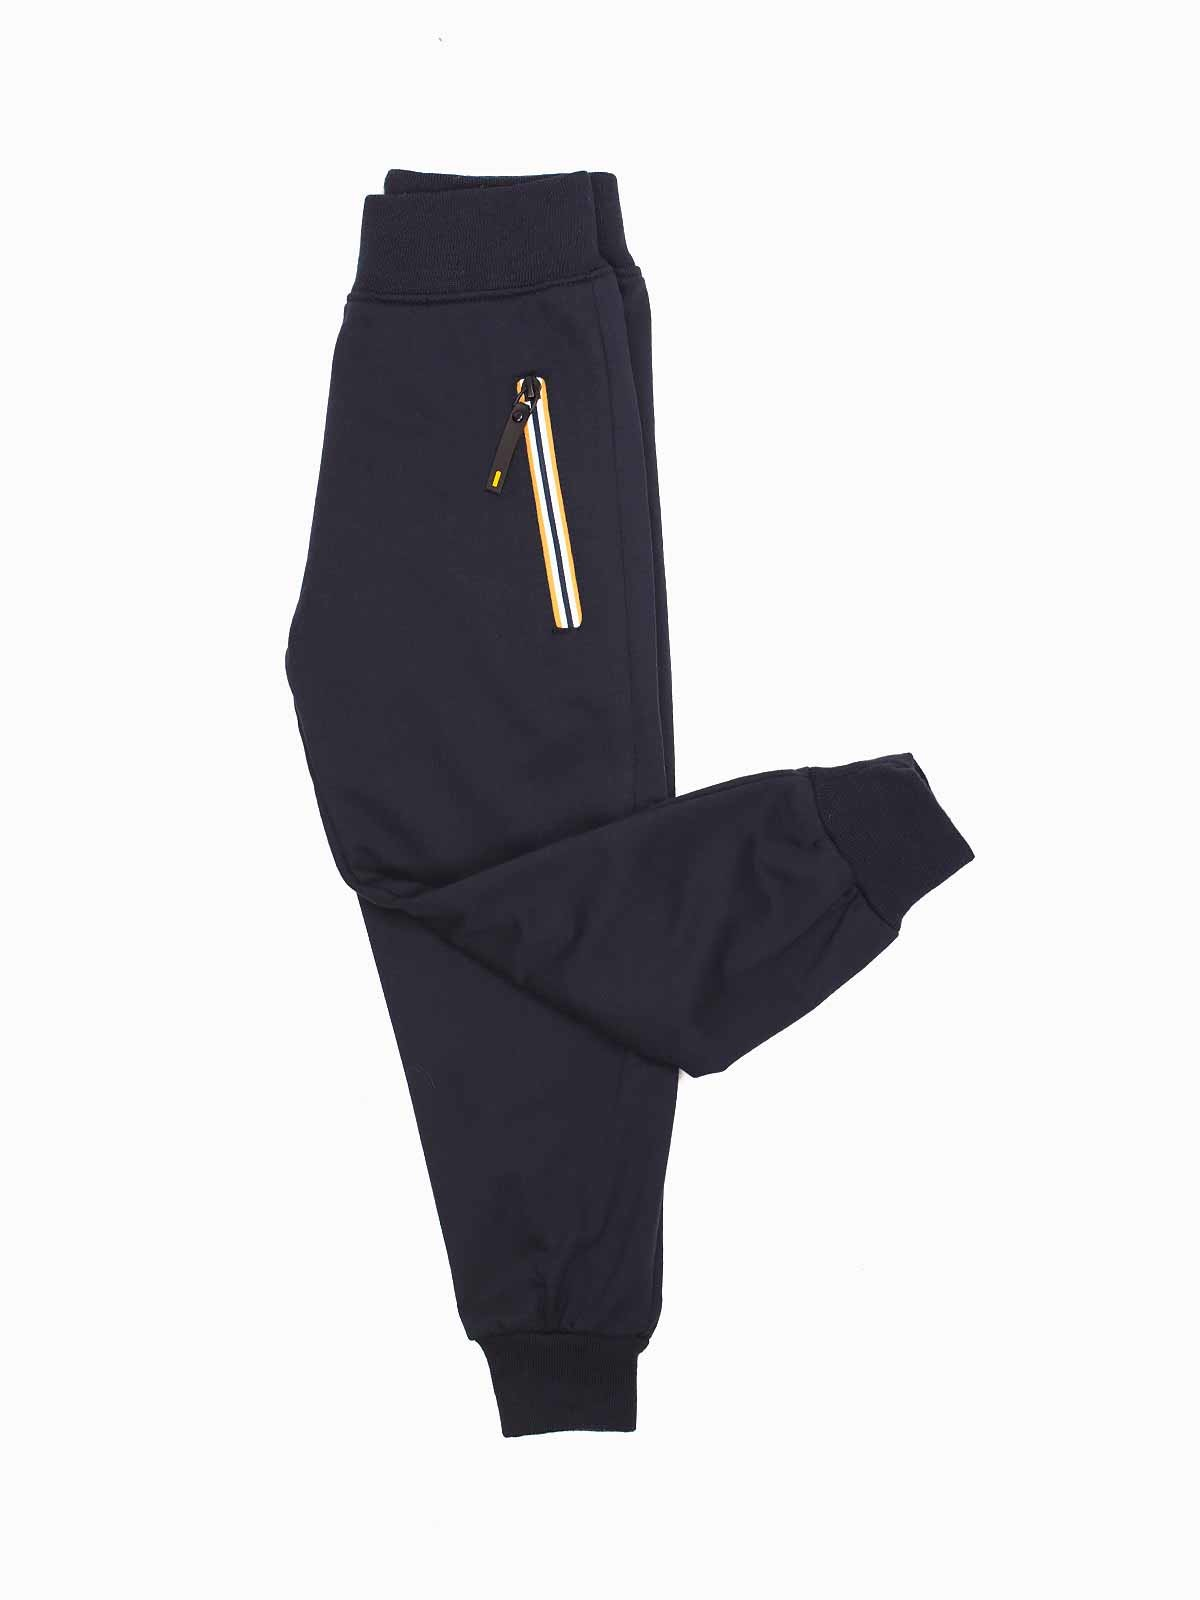 Calças desportivas com fecho